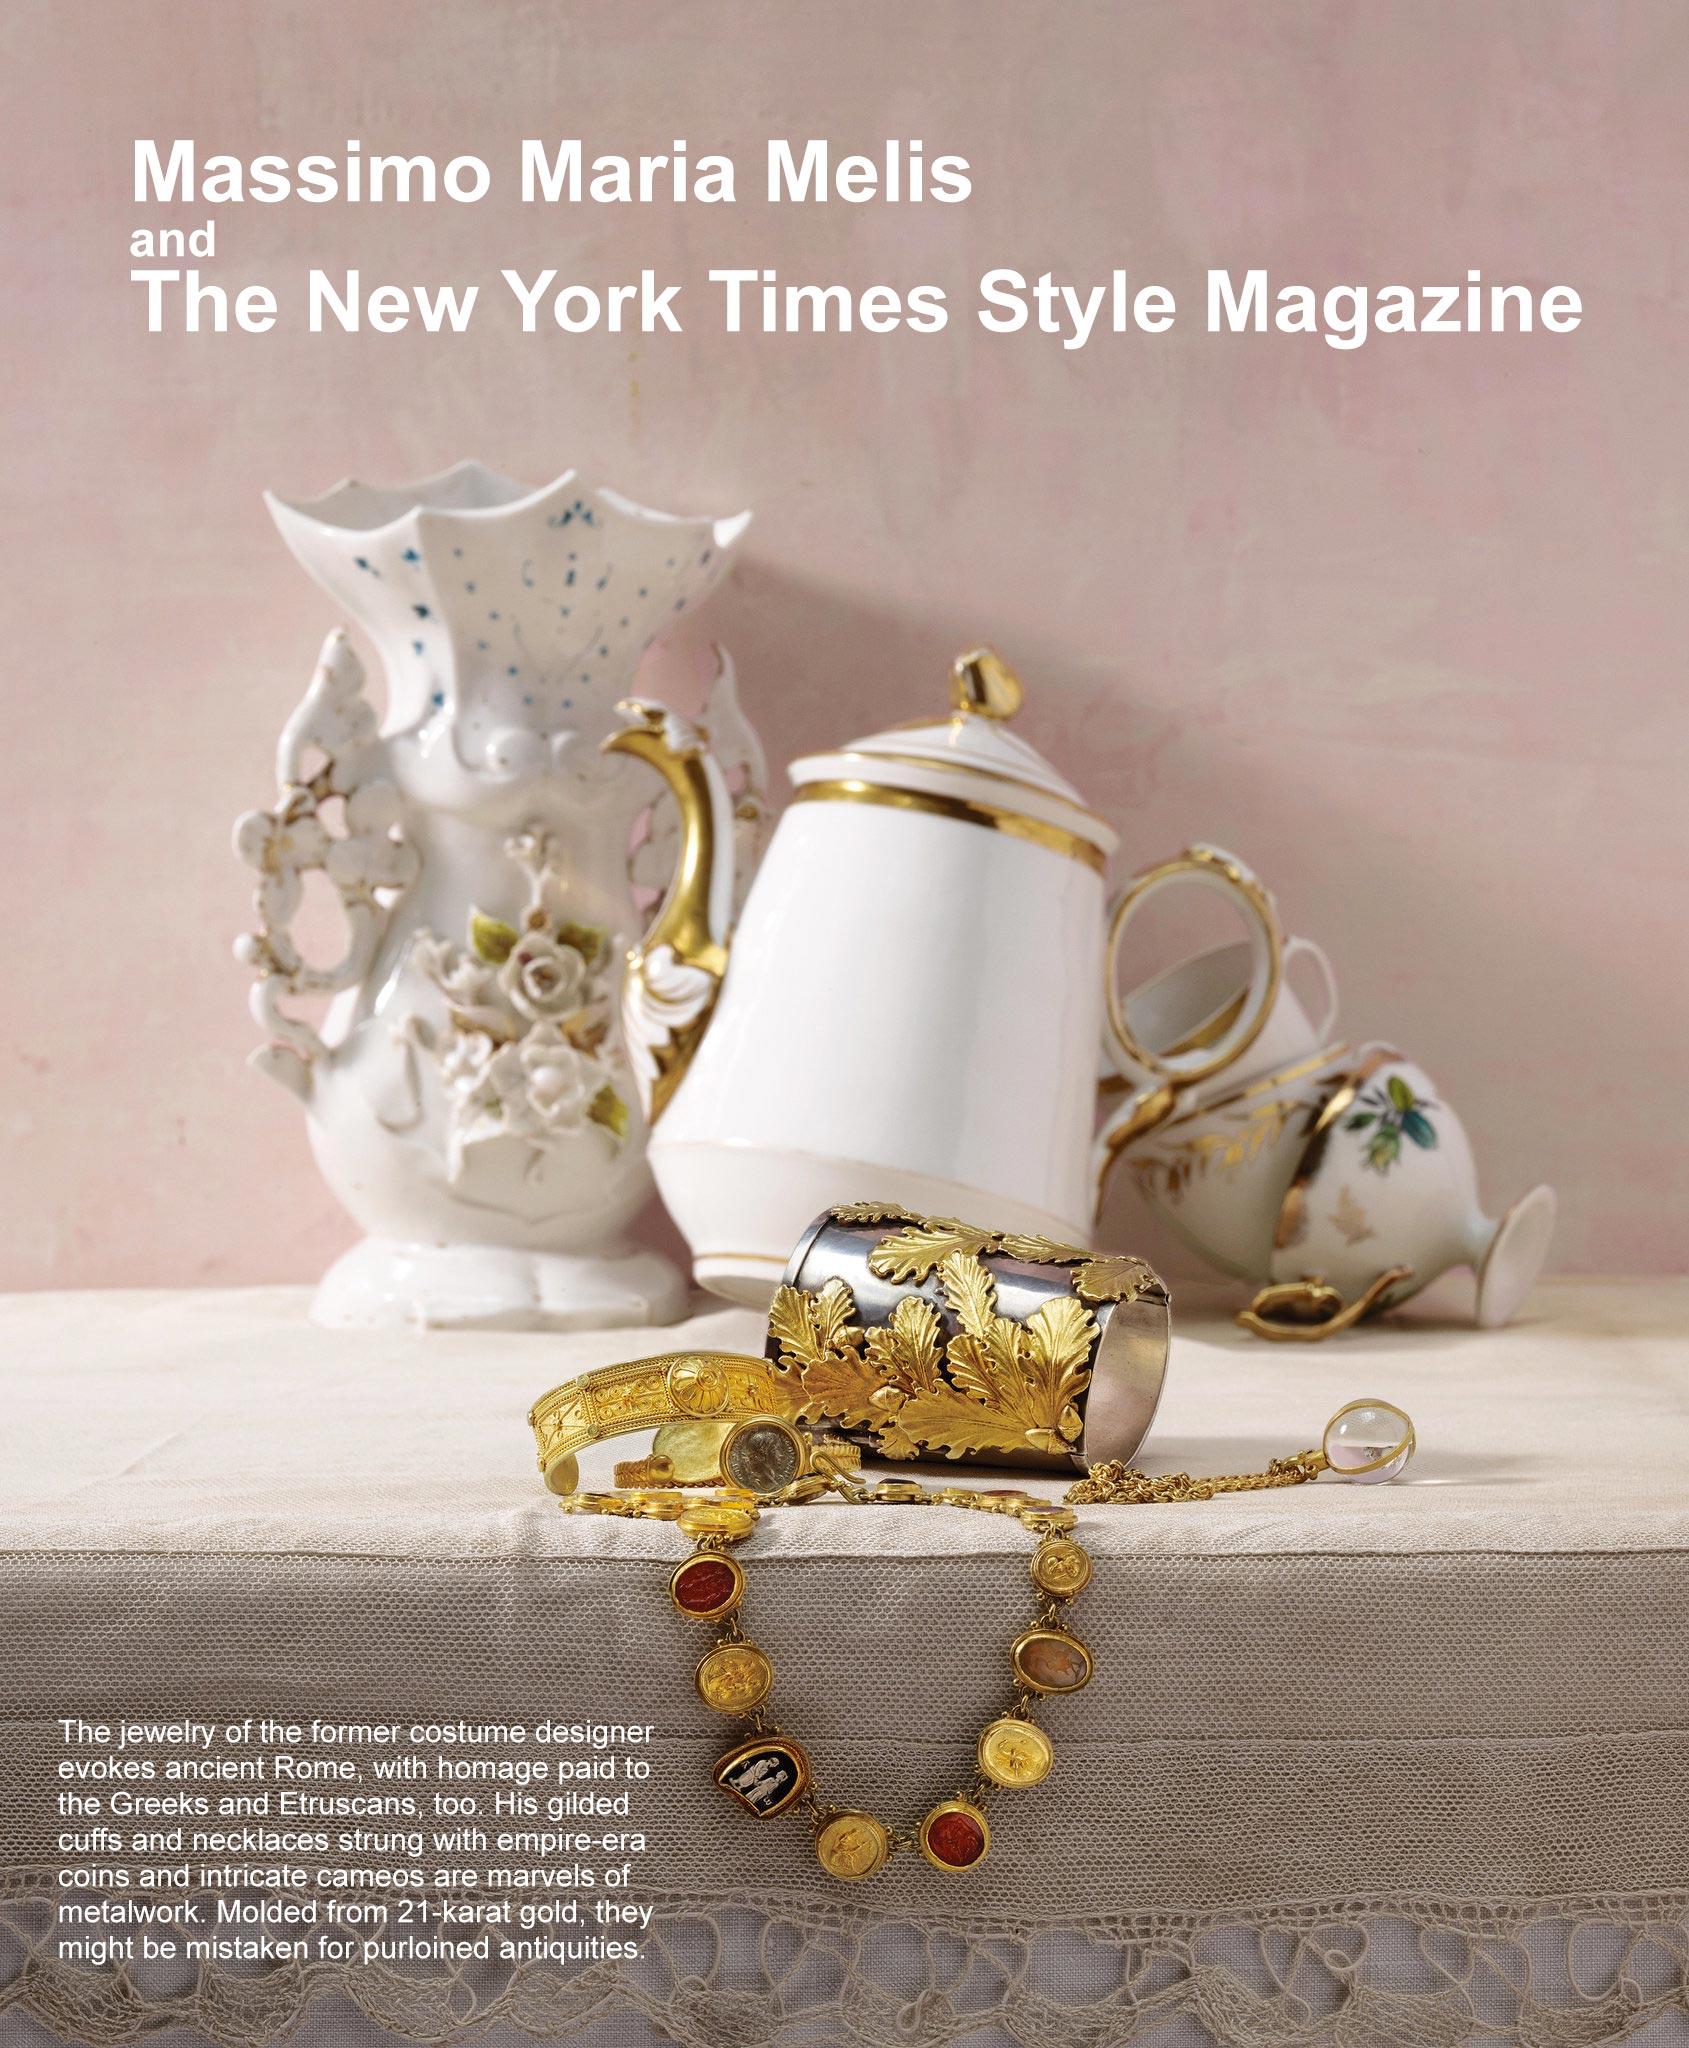 Massimo Maria Melis newyork times style magazine